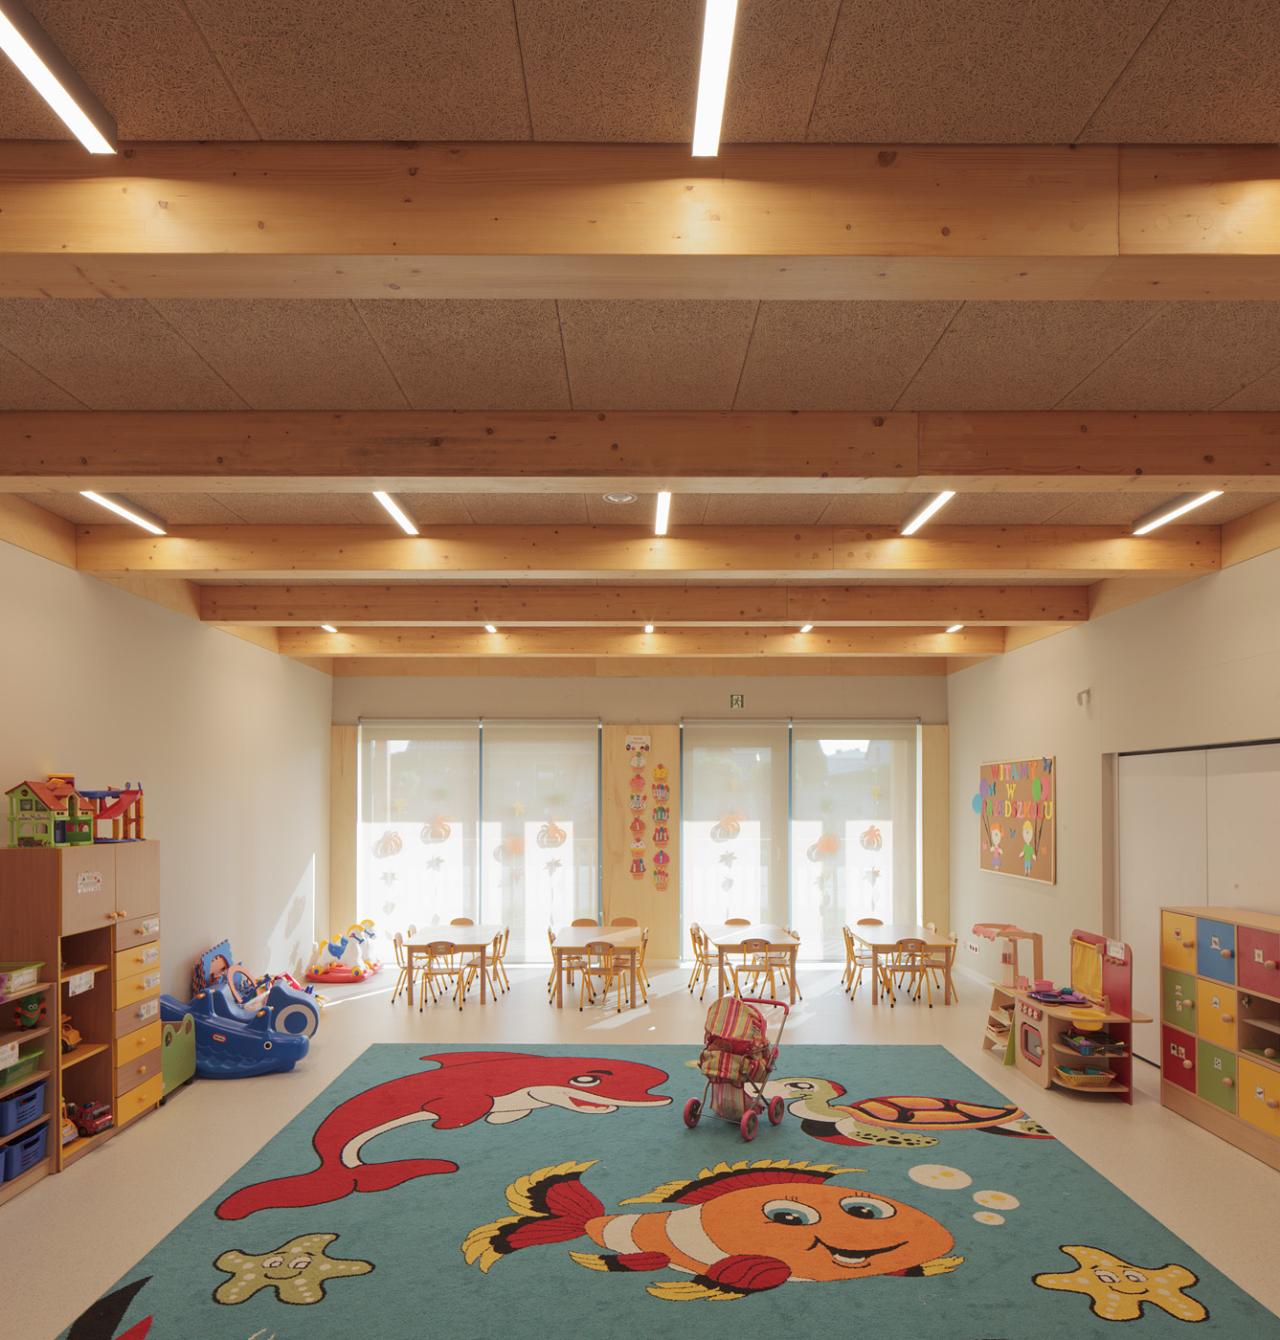 Sofft Mikołaj Smoleński Kindergarten with nursery